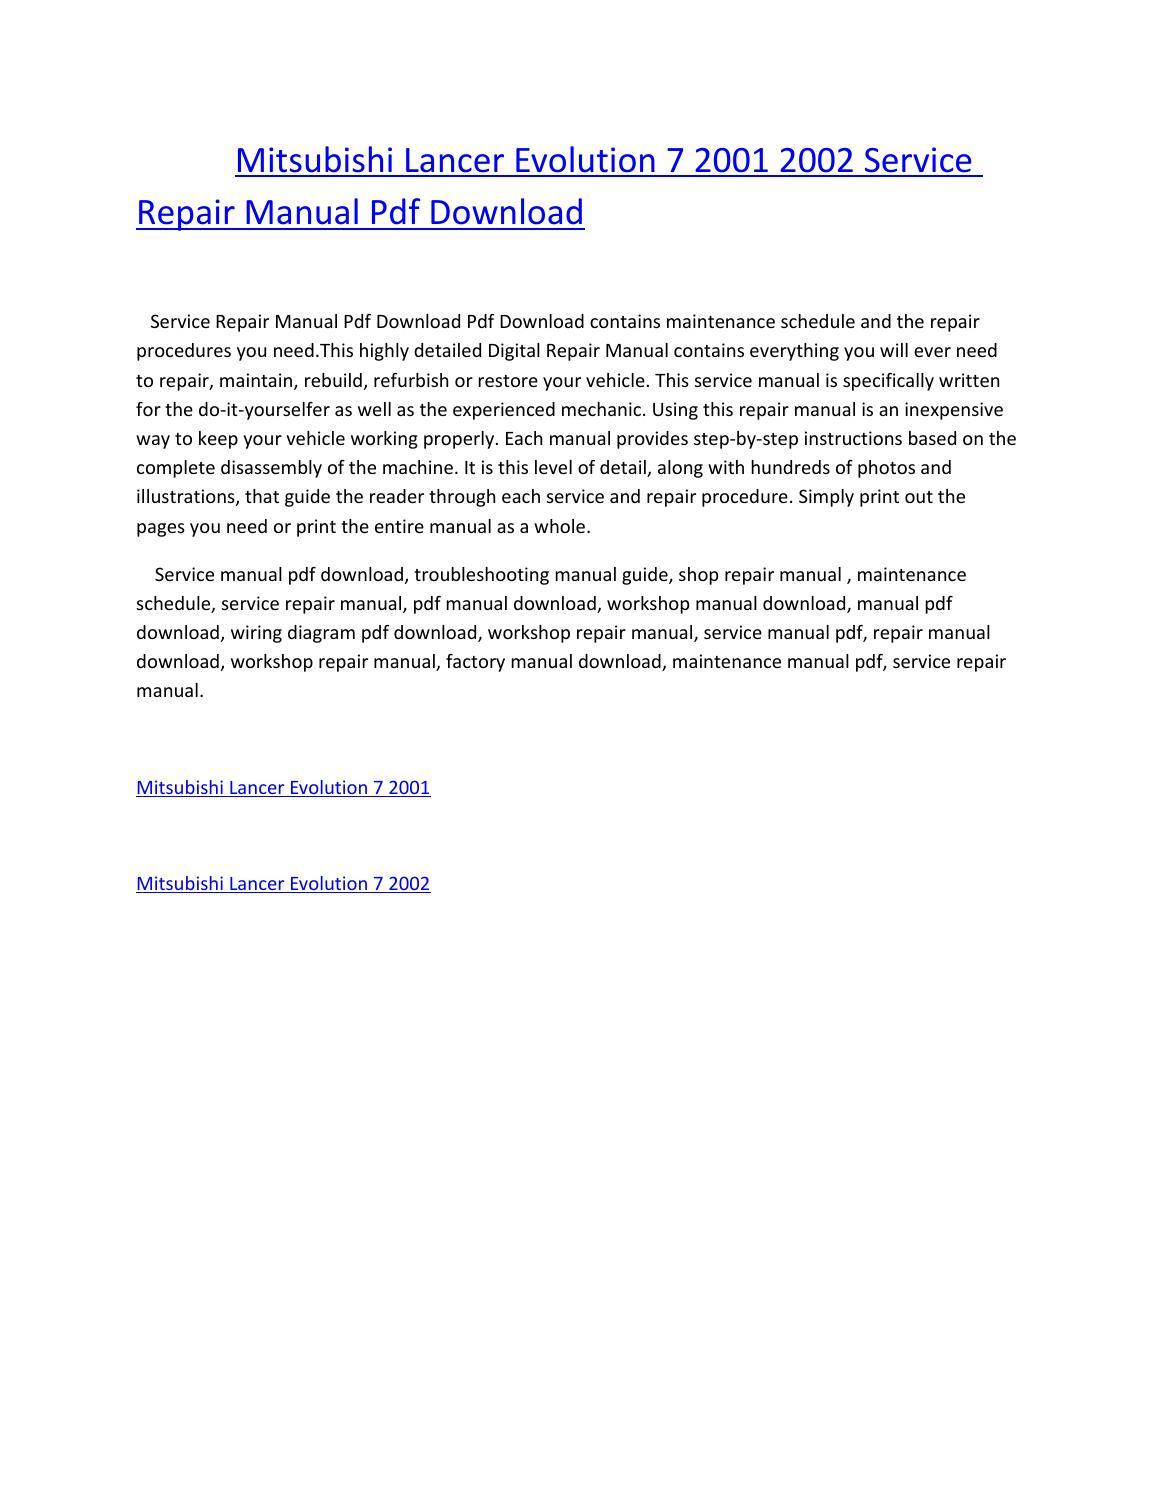 2002 Mitsubishi Lancer Service Manual Pdf